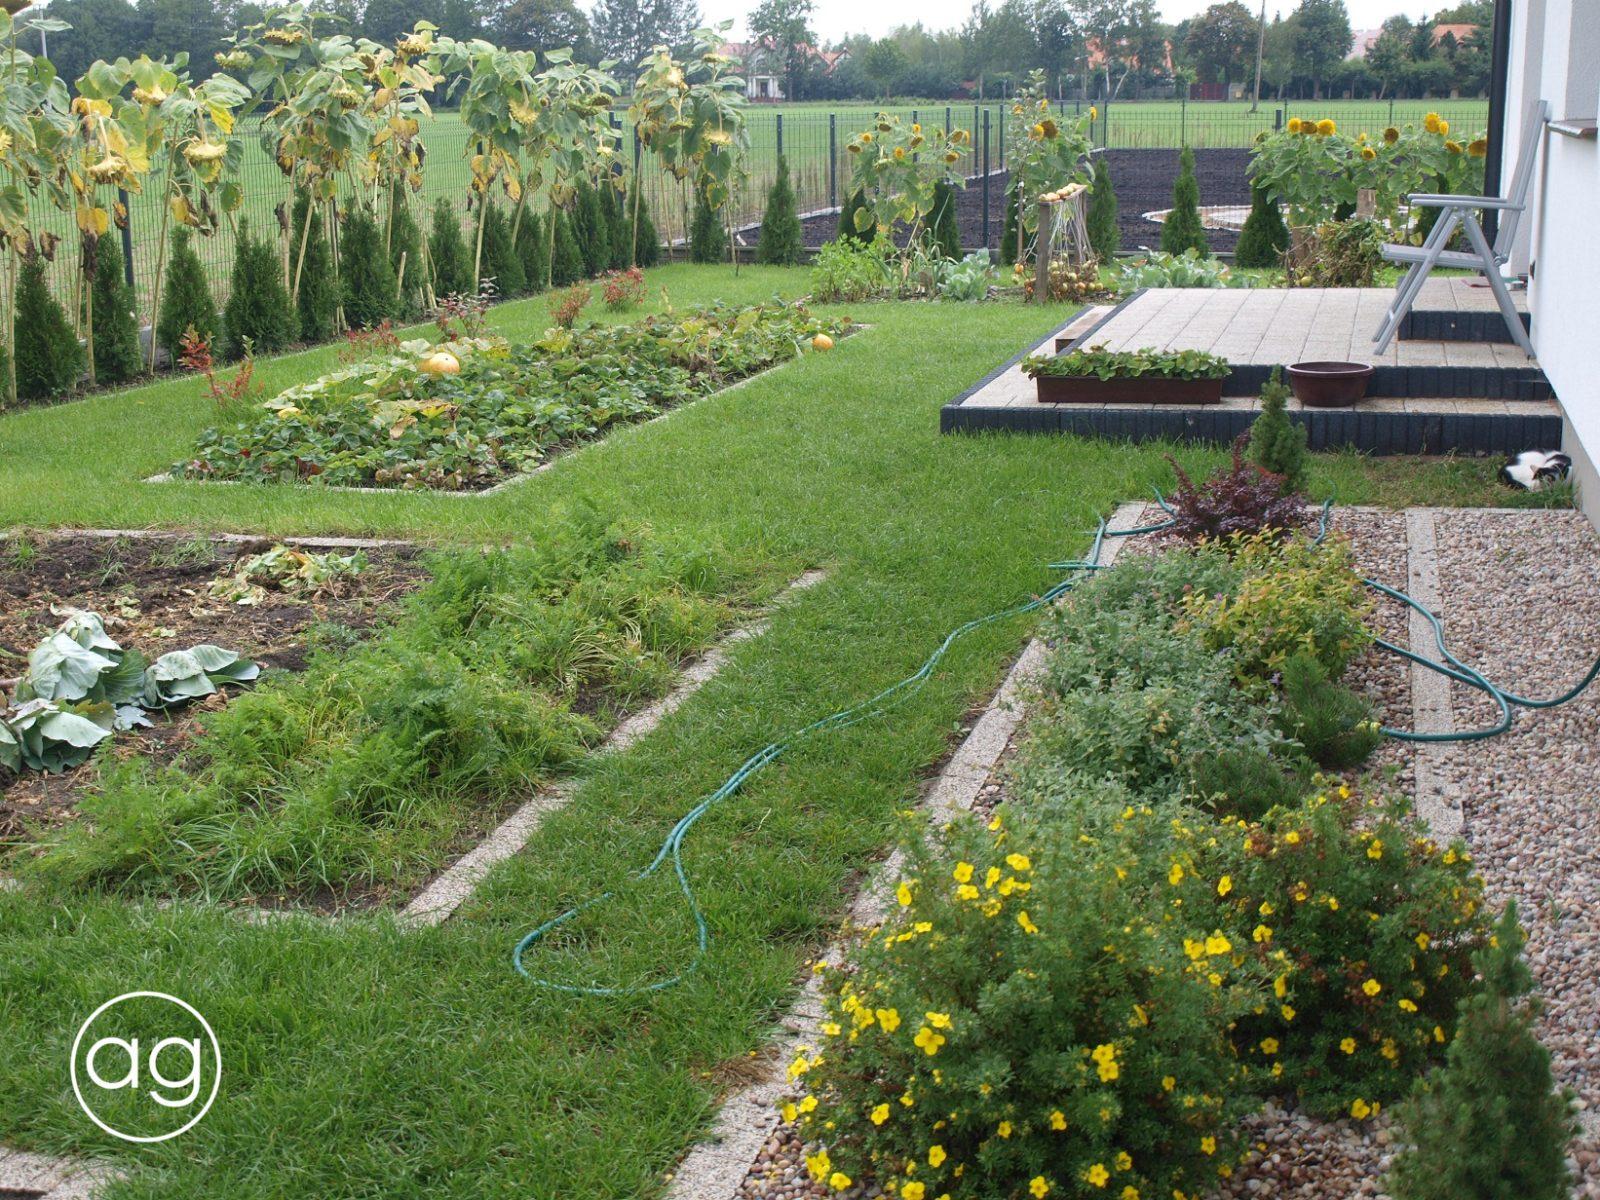 projektowanie ogrodów, ogród wZłotorii, Agnieszka Gertner, agnieszkagertnerblog, trawnik, warzywnik